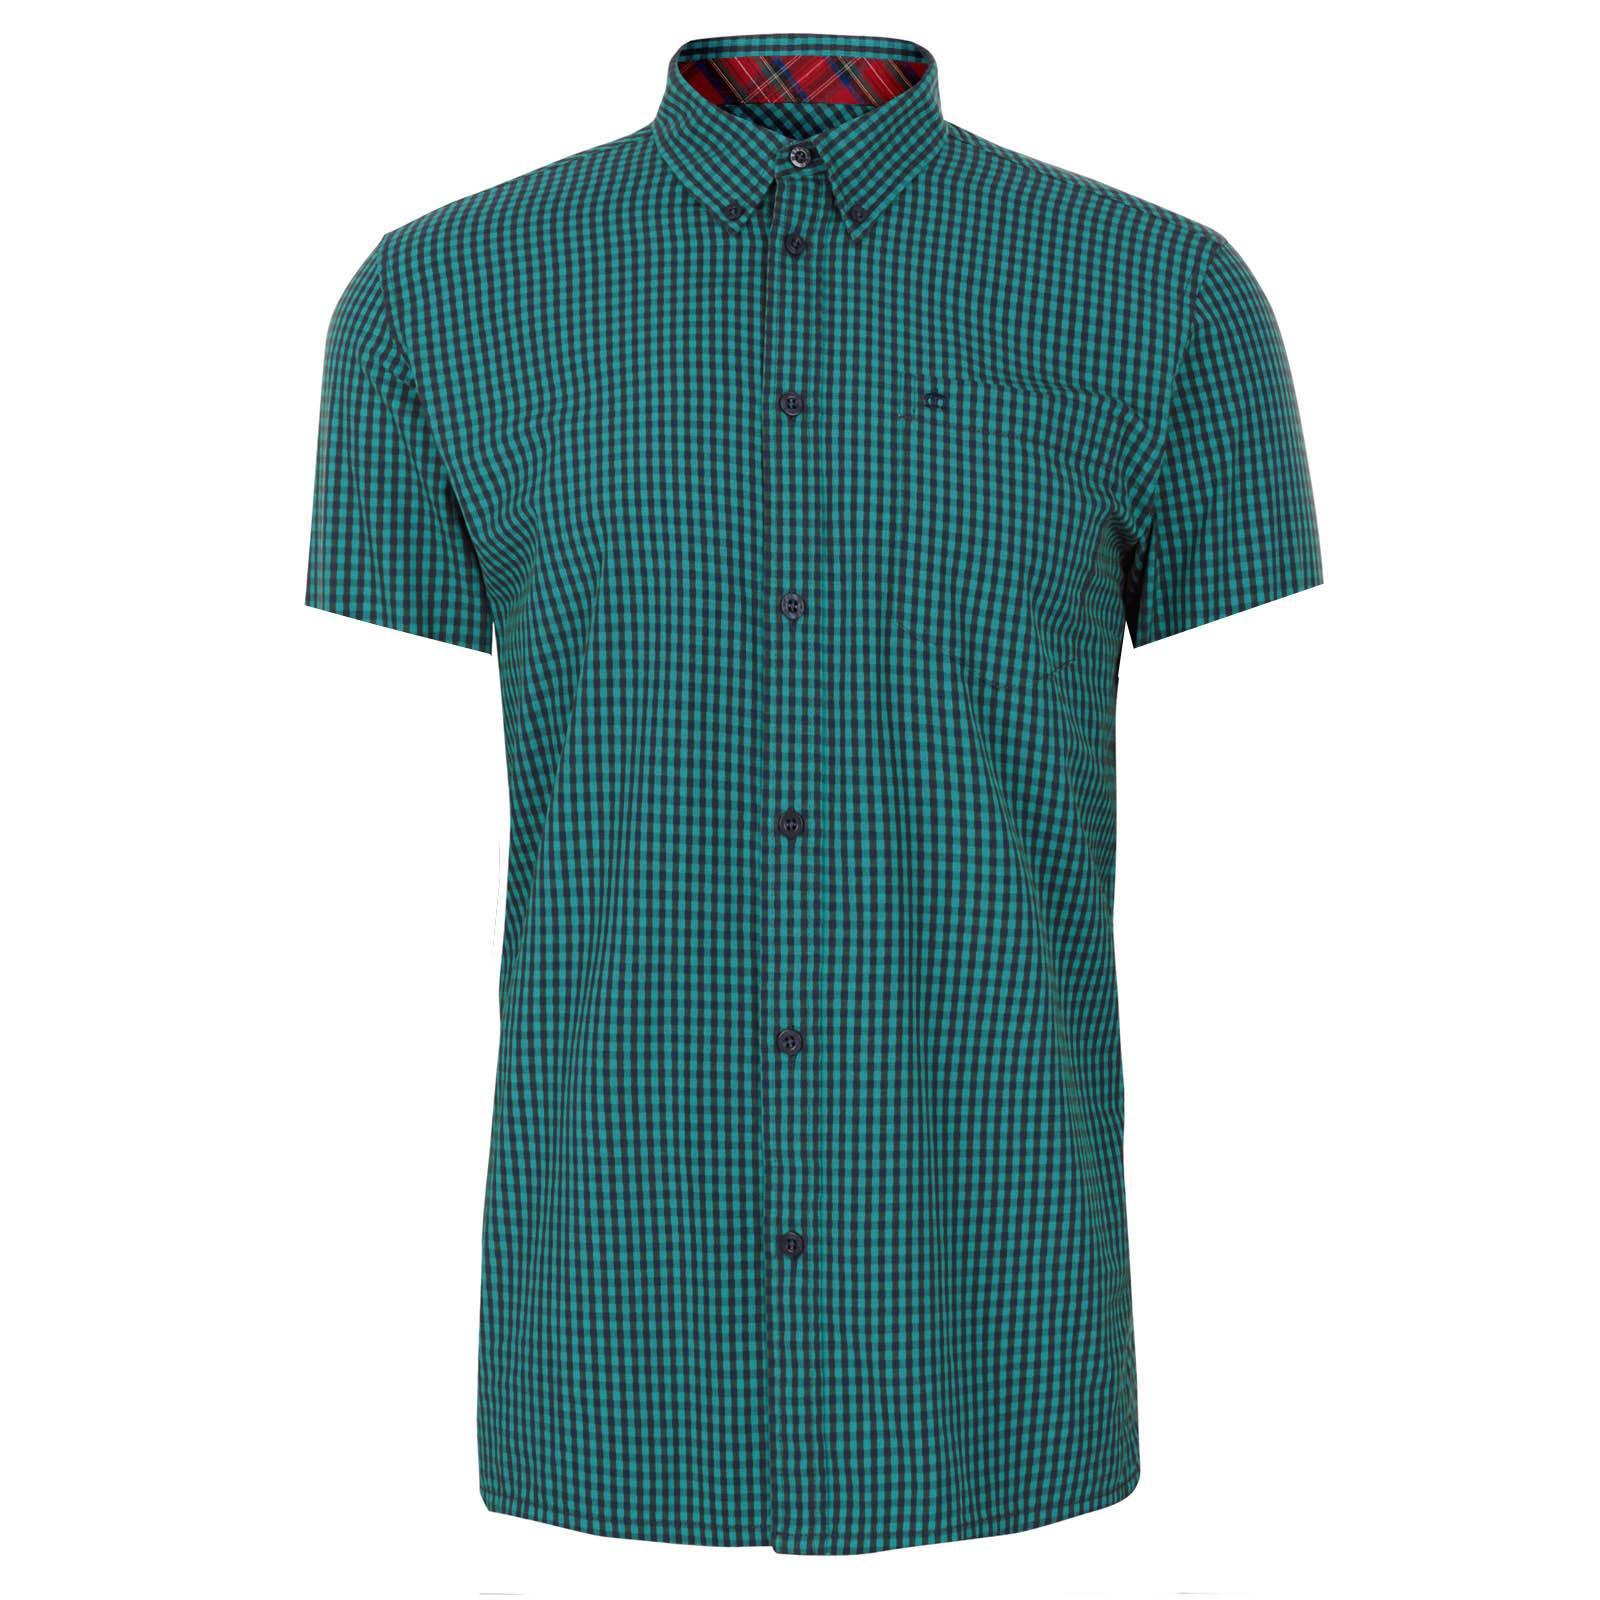 Рубашка TerryКлассические<br>Эта классическая, приталенная рубашка всесезонной базовой линии CORE производится почти в неизменном виде на протяжении десятилетий, символизируя верность Merc своему полувековому наследию и исконному casual стилю. &amp;lt;br /&amp;gt;<br>&amp;lt;br /&amp;gt;<br>Традиционная мелкая двухцветная английская клетка прекрасно сочетается с большинством легких курток, тренчей и парок. Визитная карточка рубашек Merc - воротник &amp;amp;quot;button-down&amp;amp;quot; на пуговицах - делает ее идеальной для комбинации с V-neck свитерами, жилетами и кардиганами.&amp;lt;br /&amp;gt;<br>&amp;lt;br /&amp;gt;<br>Прямой низ позволяет с комфортом заправлять эту рубашку в брюки, джинсы или шорты, хотя ее можно носить и на выпуск: под курткой, блейзером или саму по себе. &amp;lt;br /&amp;gt;<br><br>Артикул: 1570108<br>Материал: 100% хлопок<br>Цвет: сине-зеленая клетка<br>Пол: Мужской